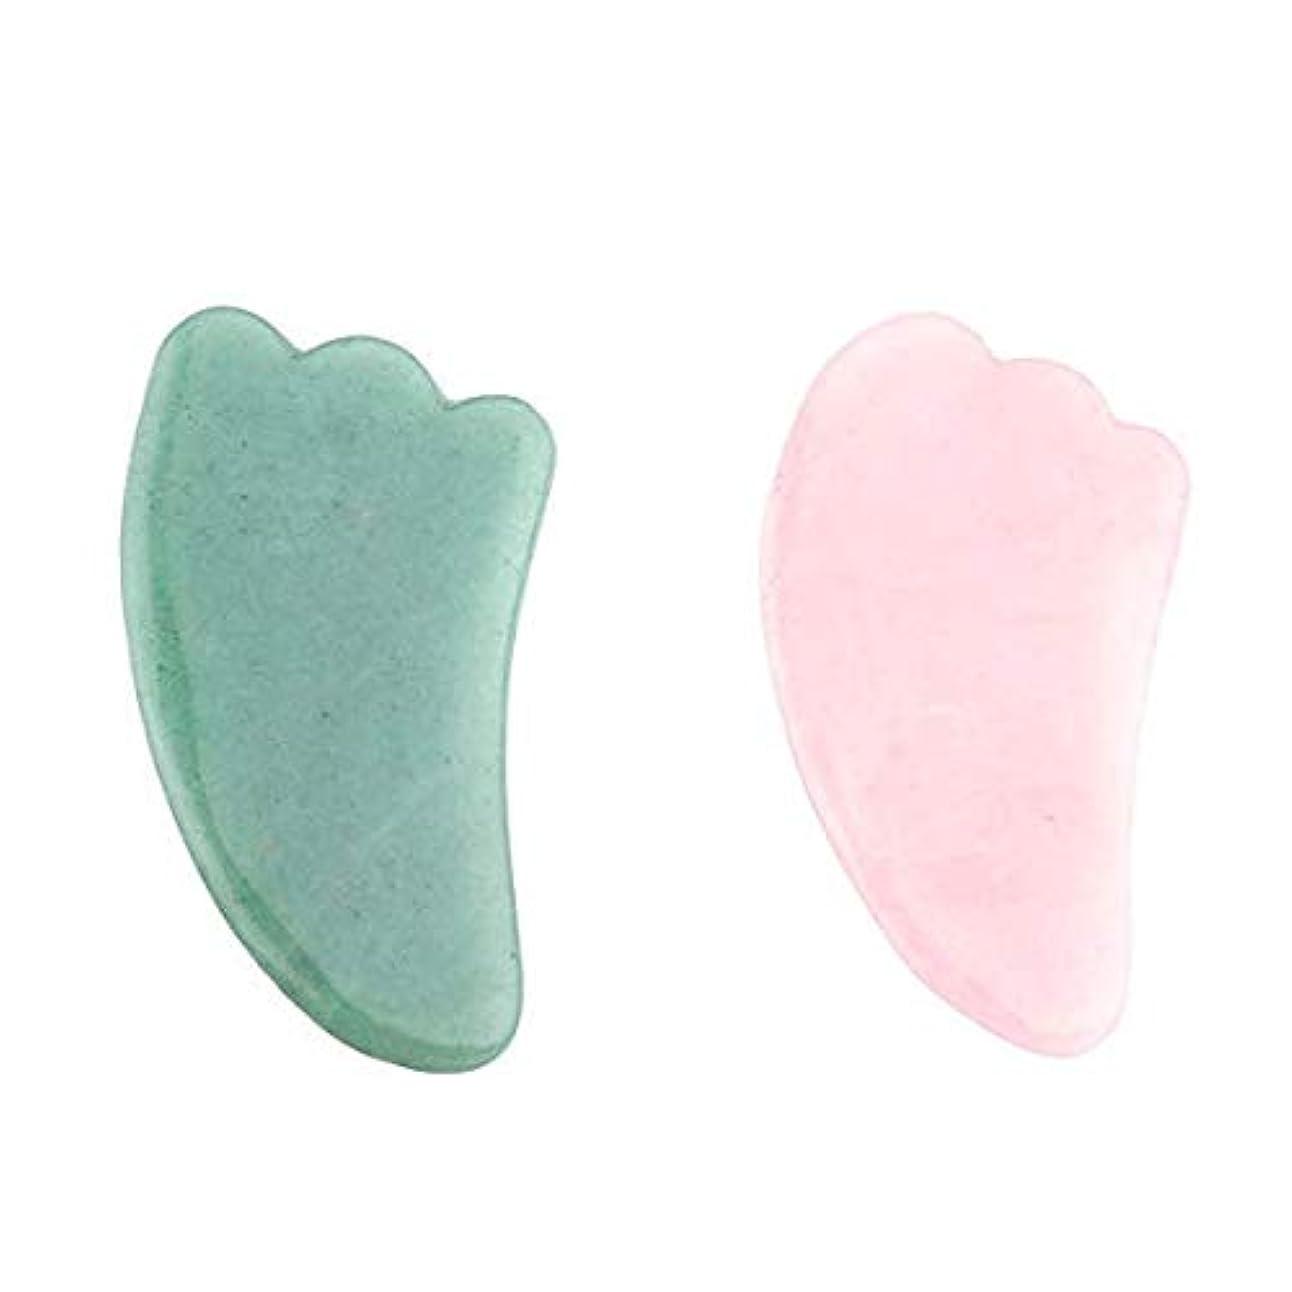 移動するいとこ立ち向かう(エルソルーナ) かっさプレート かっさマッサージ 美顔 天然石 パワーストーン (アウトレット ローズクォーツ スティック型, ピンク) (2カラー?2個)